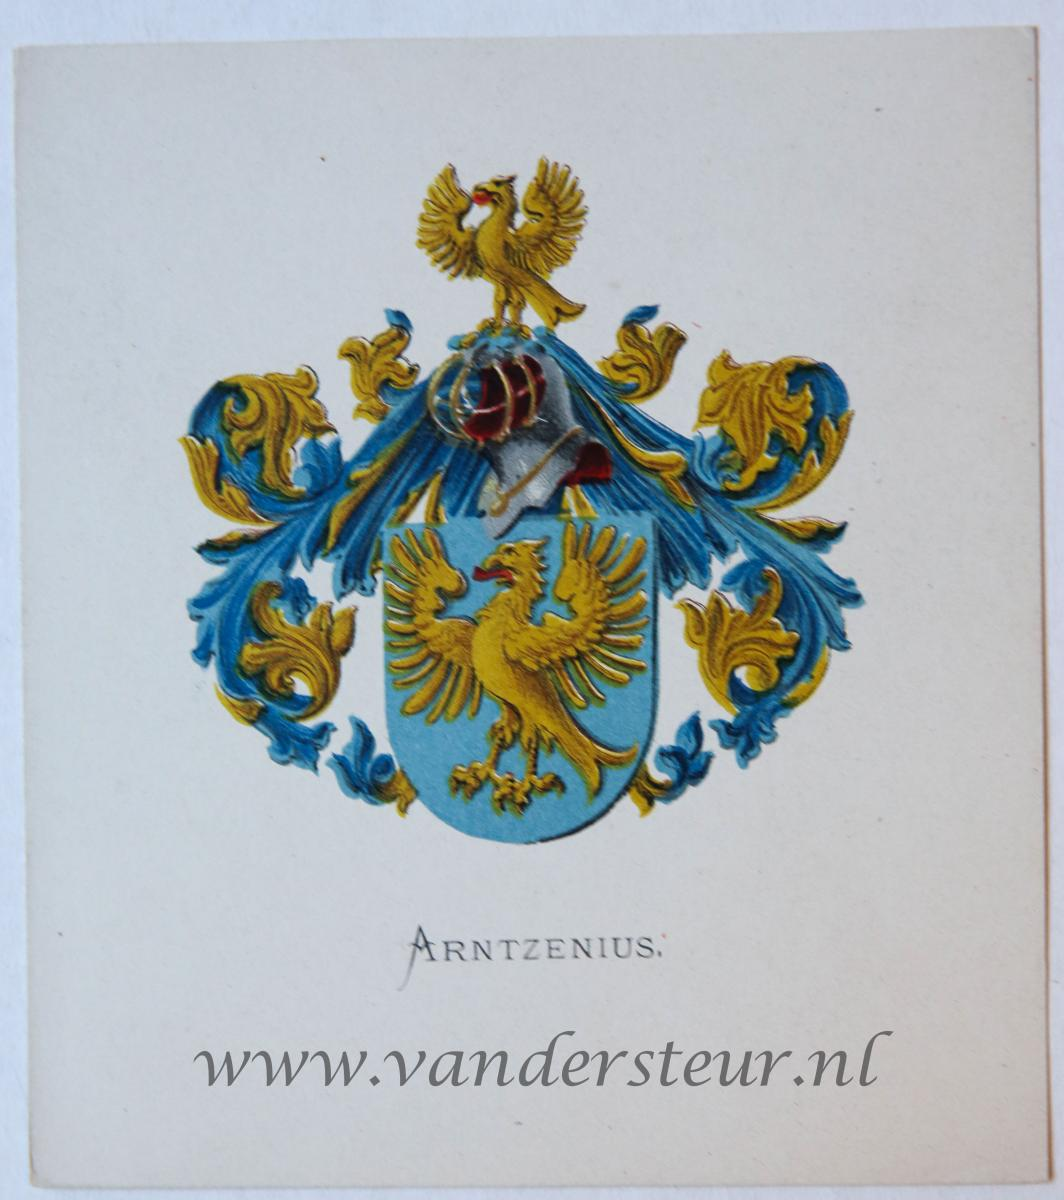 Wapenkaart/Coat of Arms: Arntzenius